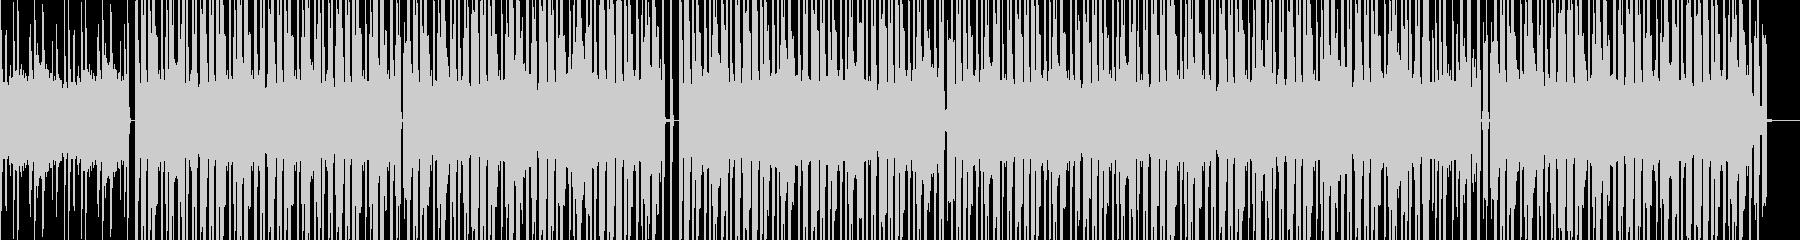 打ち込みドラムによるリズム主体の曲の未再生の波形